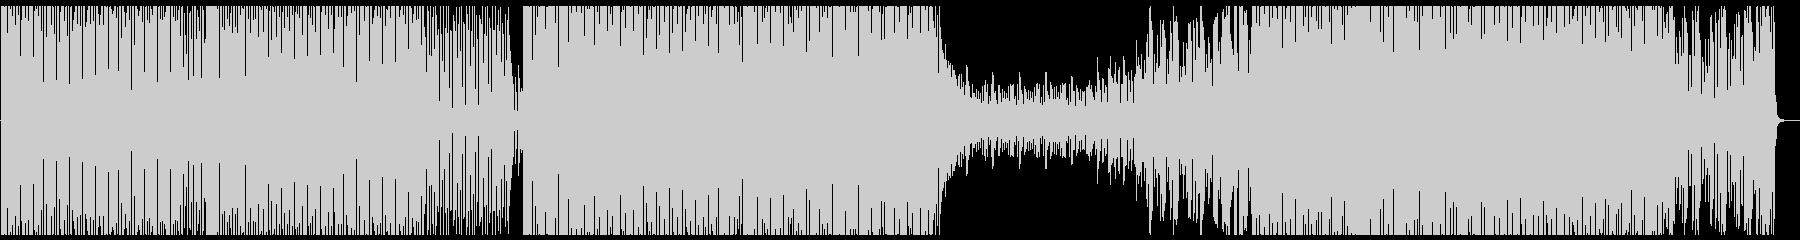 オシャレ・かっこいい系のハウス音楽の未再生の波形